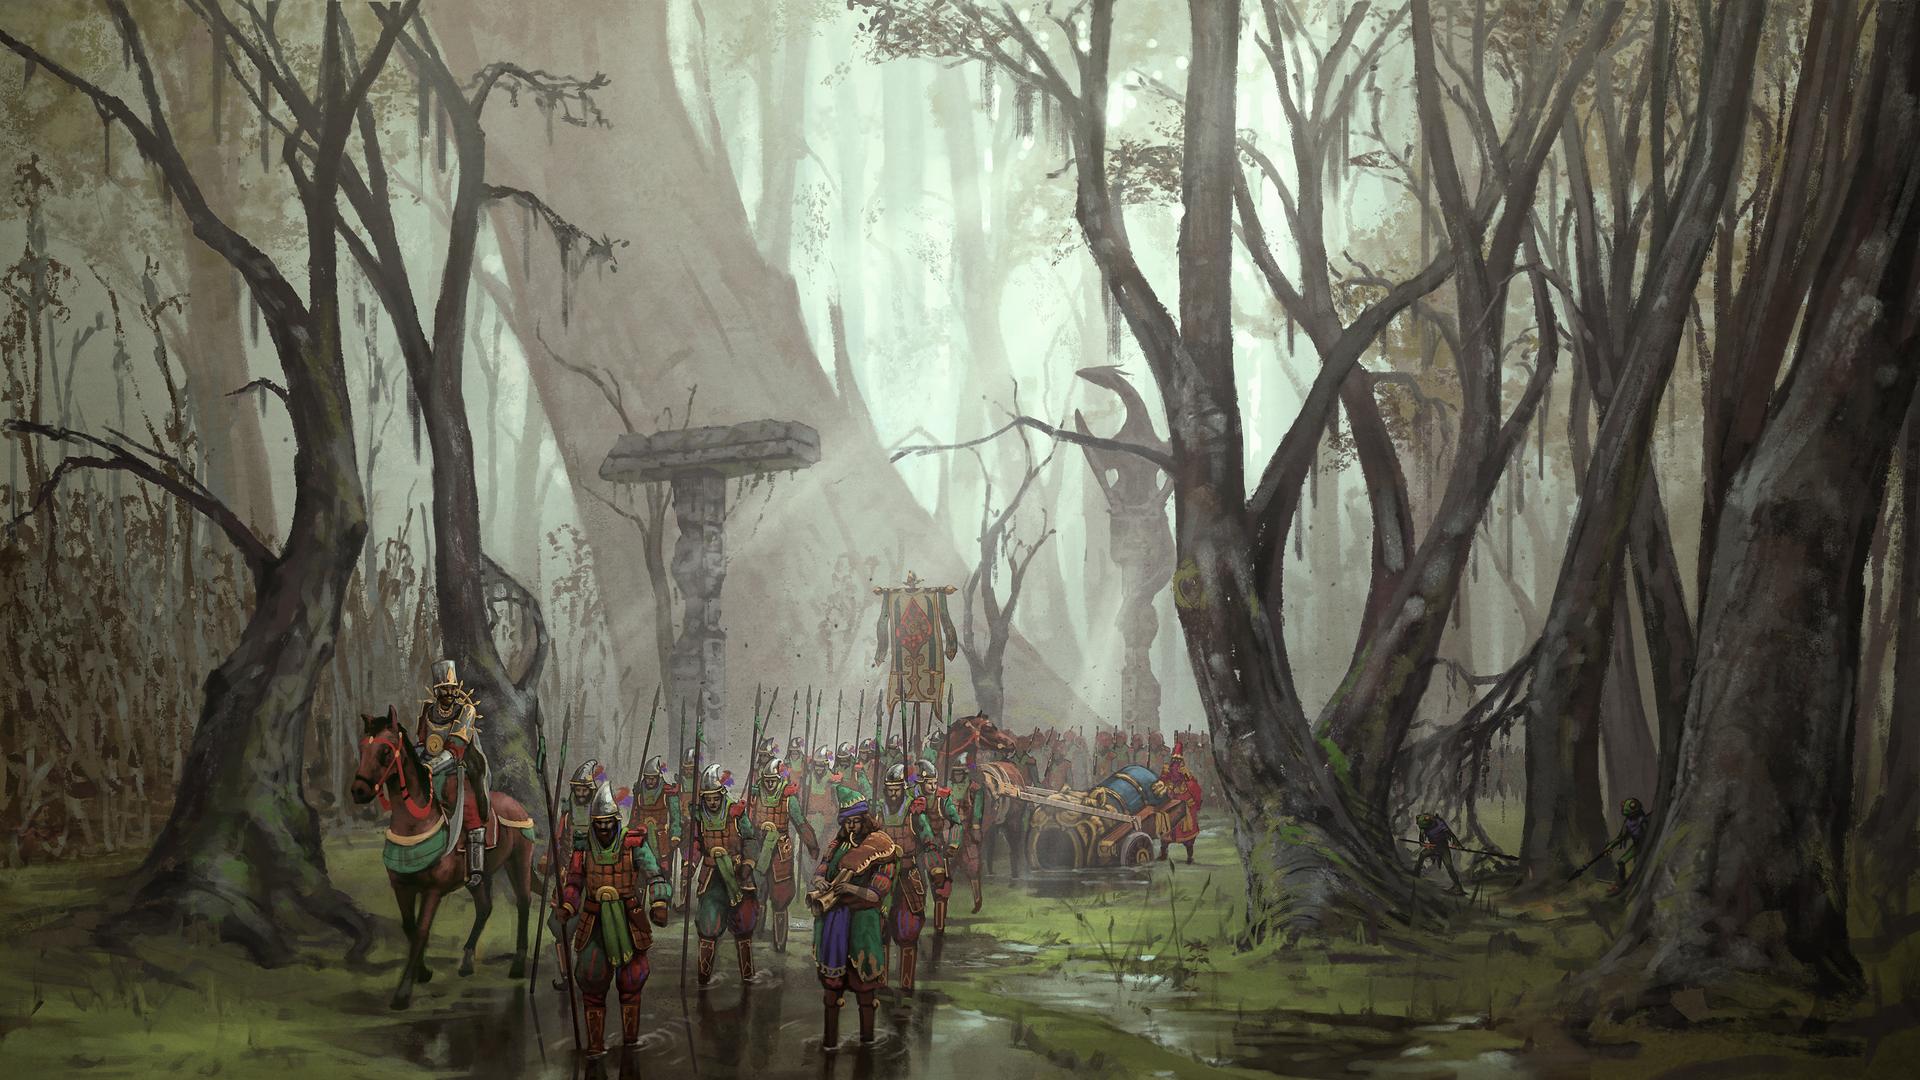 Donerian_mercenaries_in_Rana_swamp_HD.png